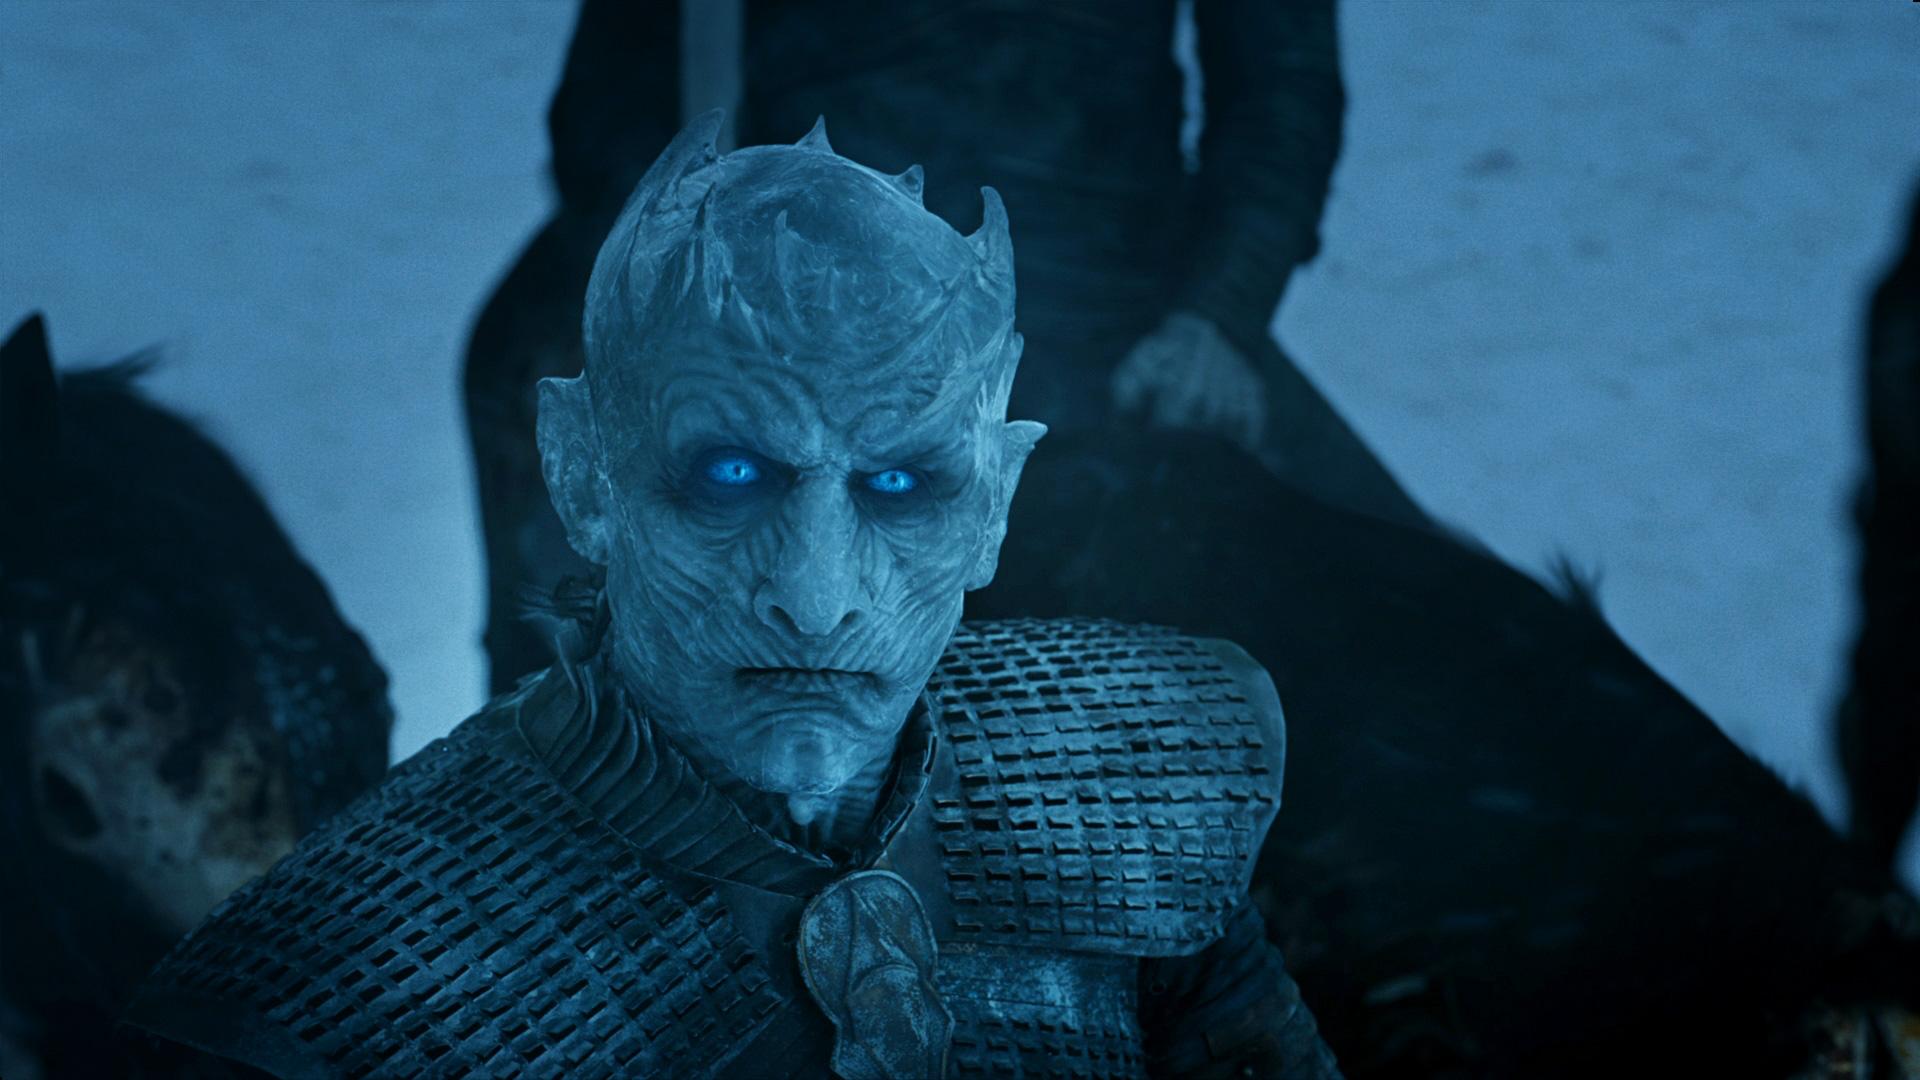 """Полноценный дубляж восьмого сезона """"Игры престолов"""" будут выпускать с недельной задержкой. HBO пытается избежать утечек"""